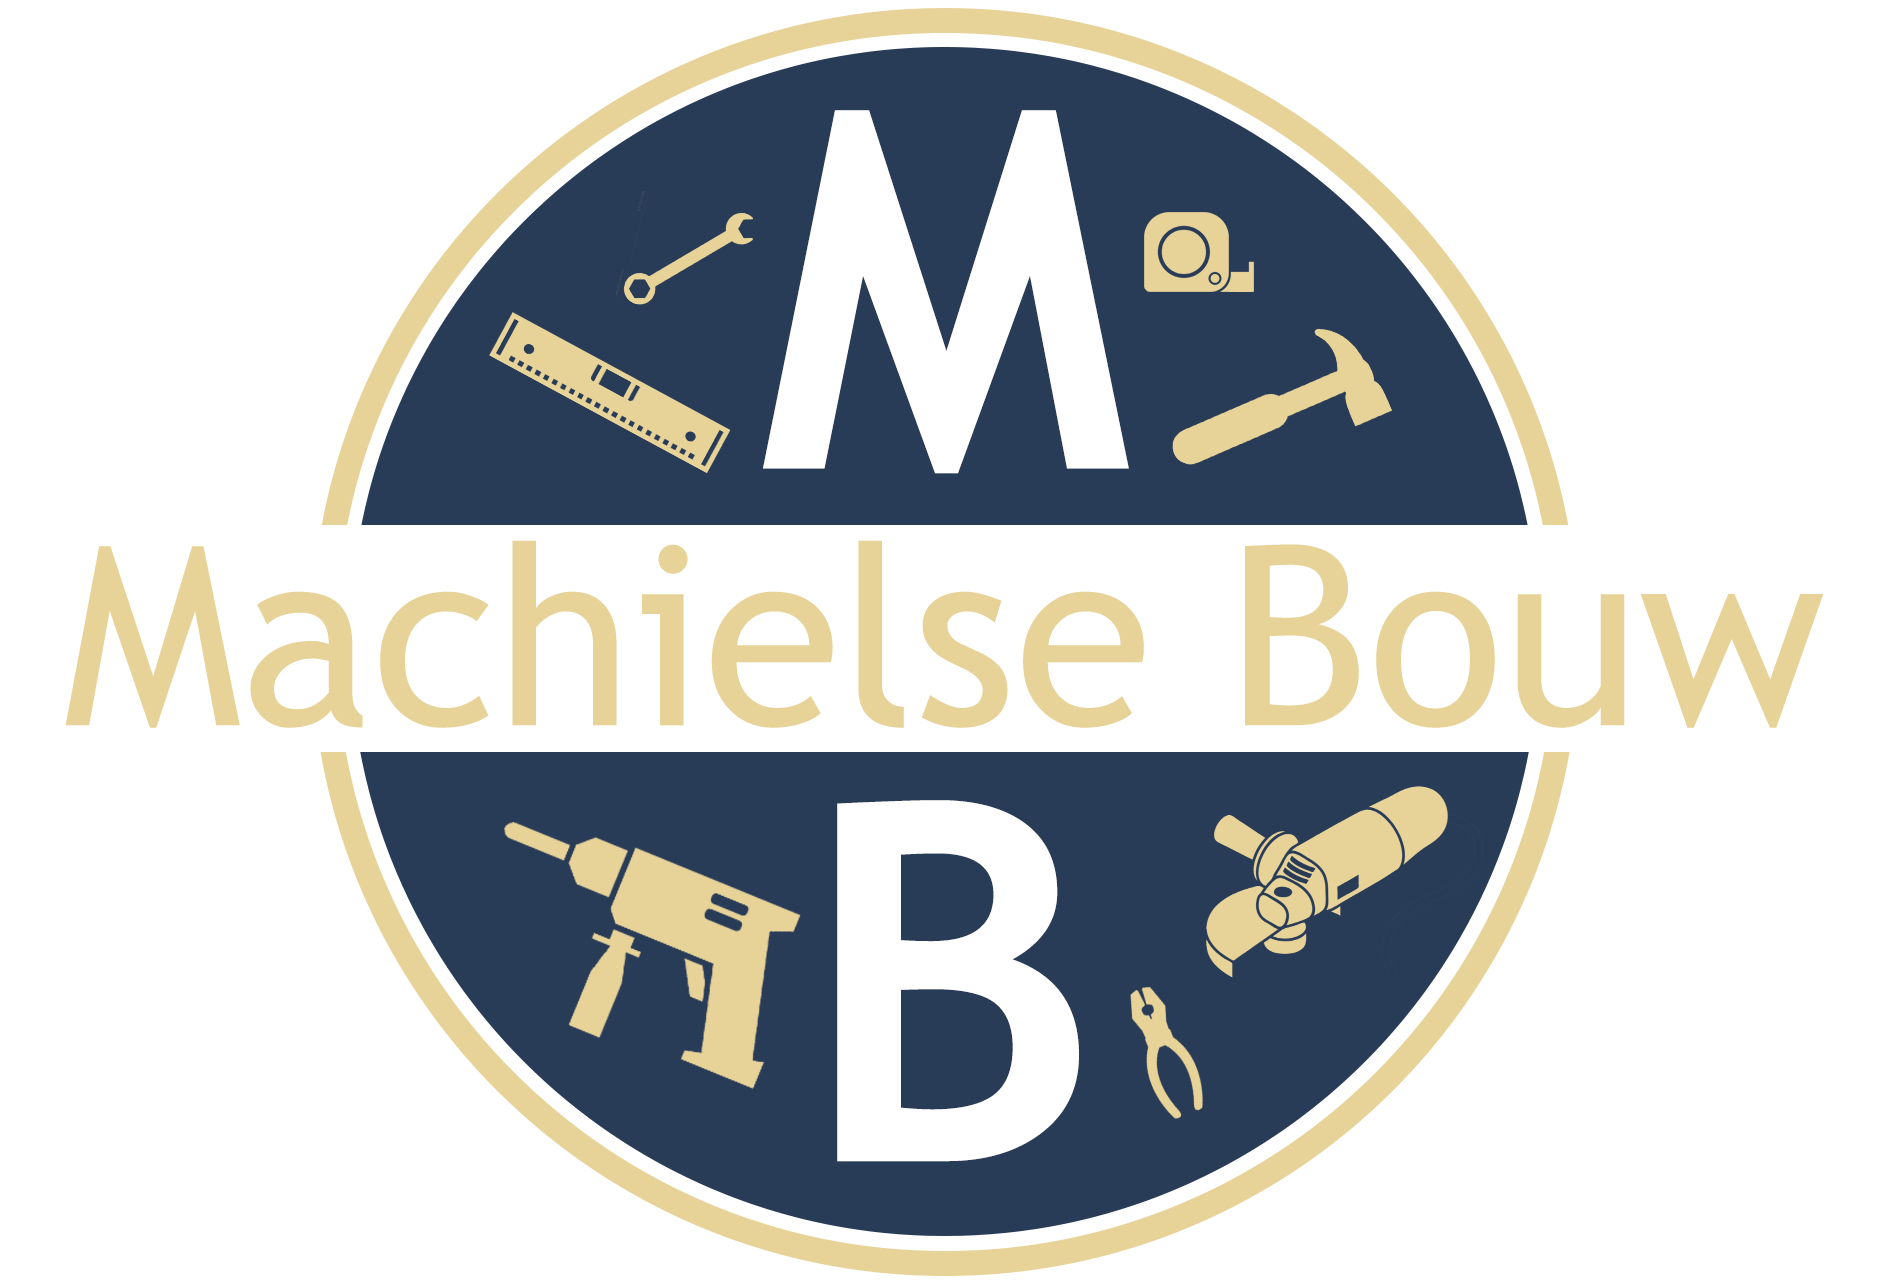 Machielse Bouw